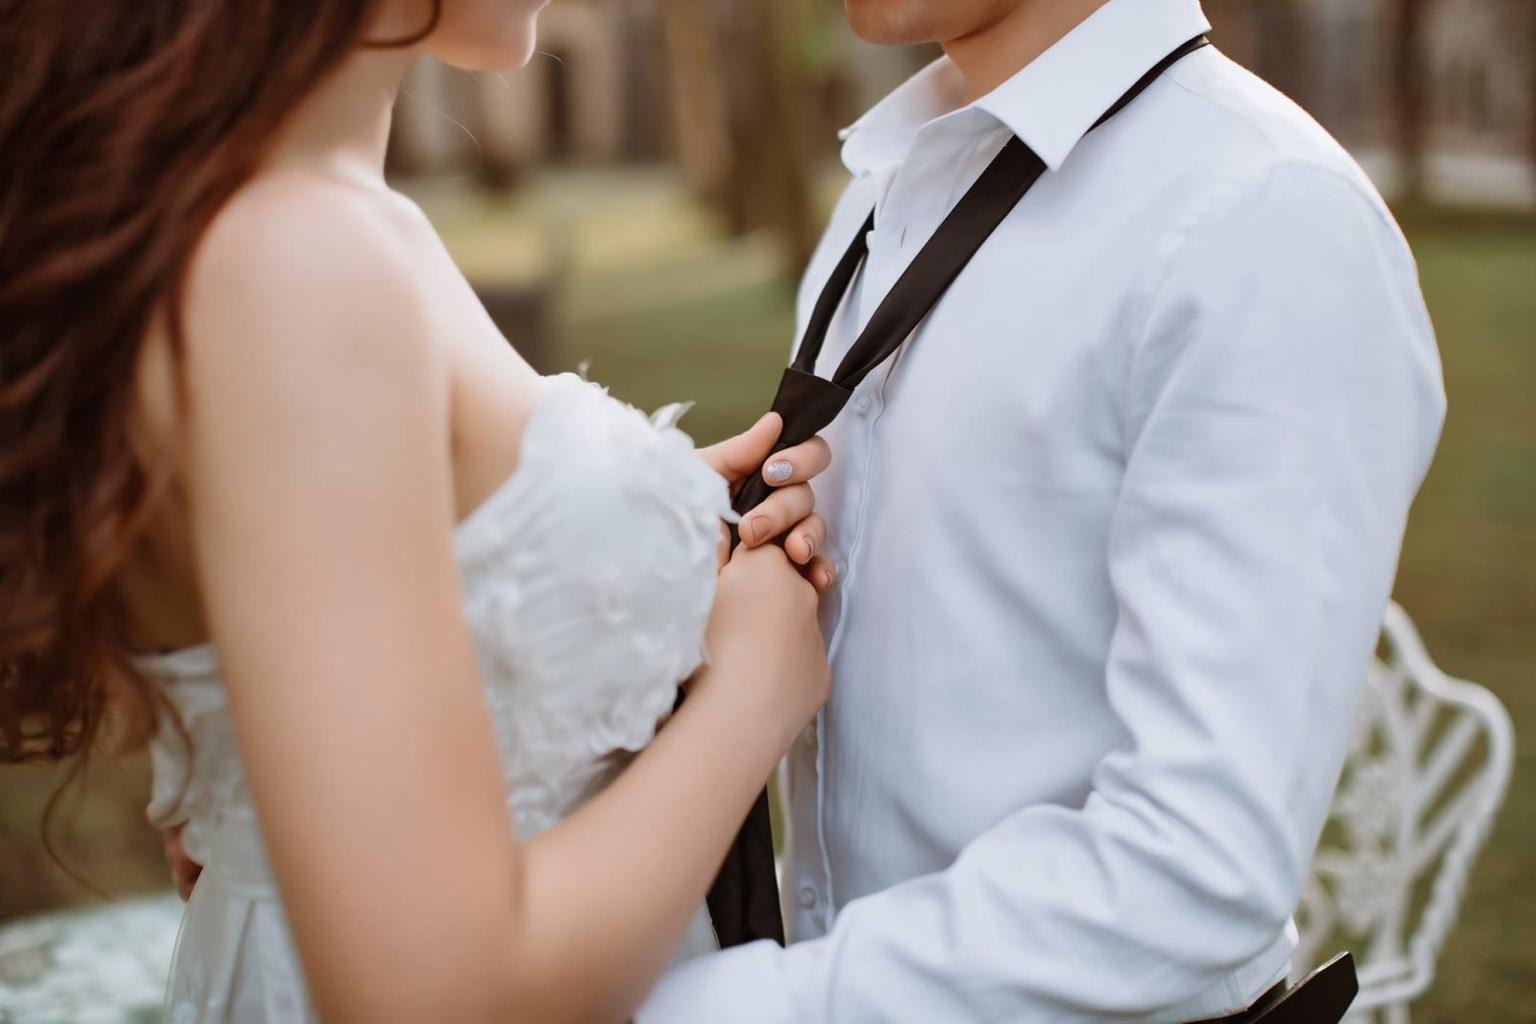 Vợ khôn nói những câu 'hư nhưng không hỏng' này, đố kẻ thứ ba nào sánh kịp - Ảnh 4